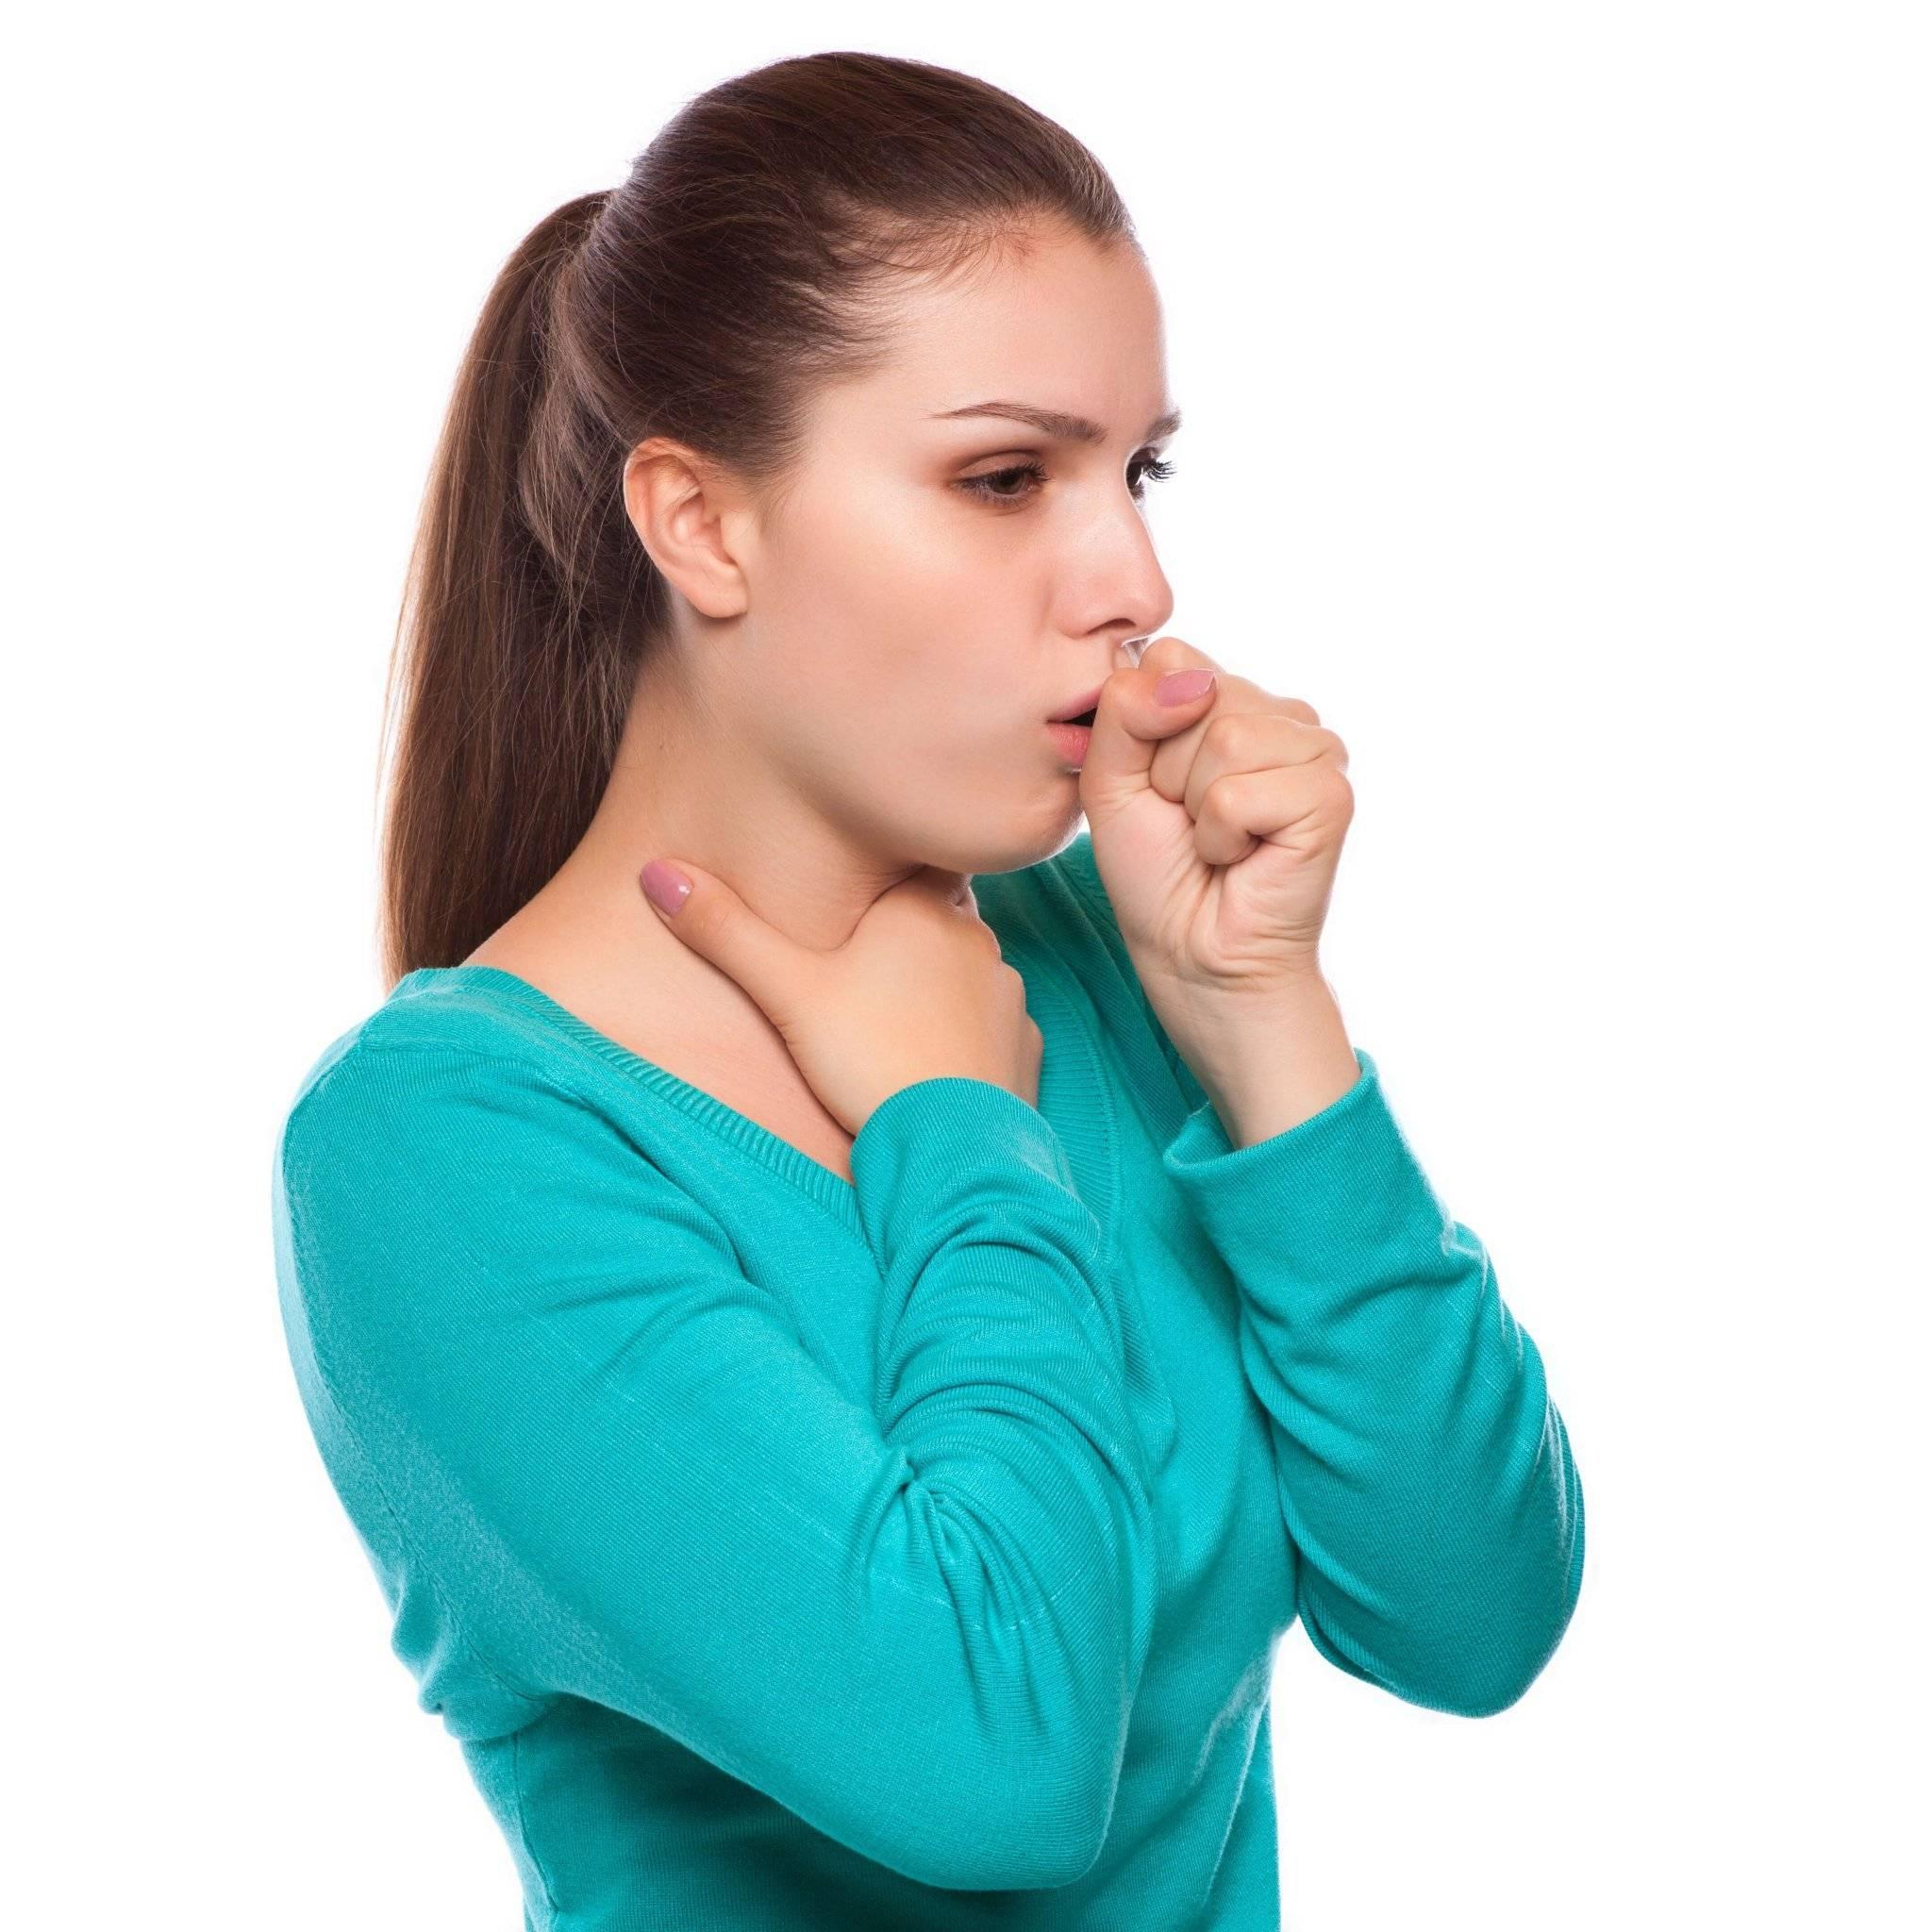 Сухой кашель у взрослого, без температуры: чем лечить, если долго не проходит